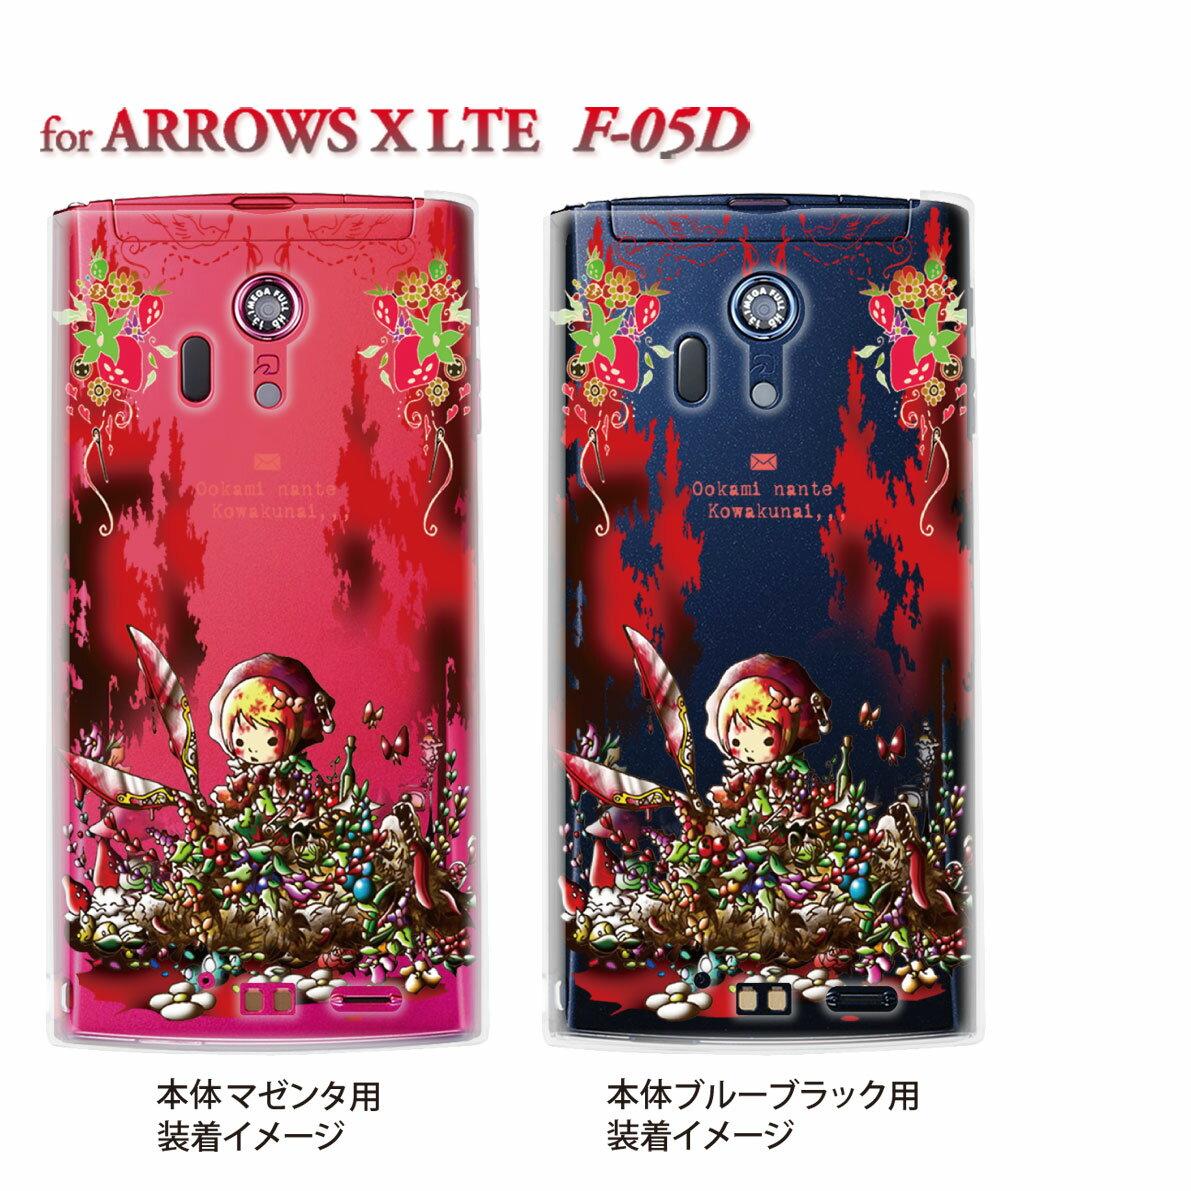 【ARROWS X LTEケース】【F-05D】【docomo】【カバー】【スマホケース】【クリアケース】【アート】【Little World】【赤ずきんちゃん】【グリム童話】【オオカミなんてコワクない】 25-f05d-am0027